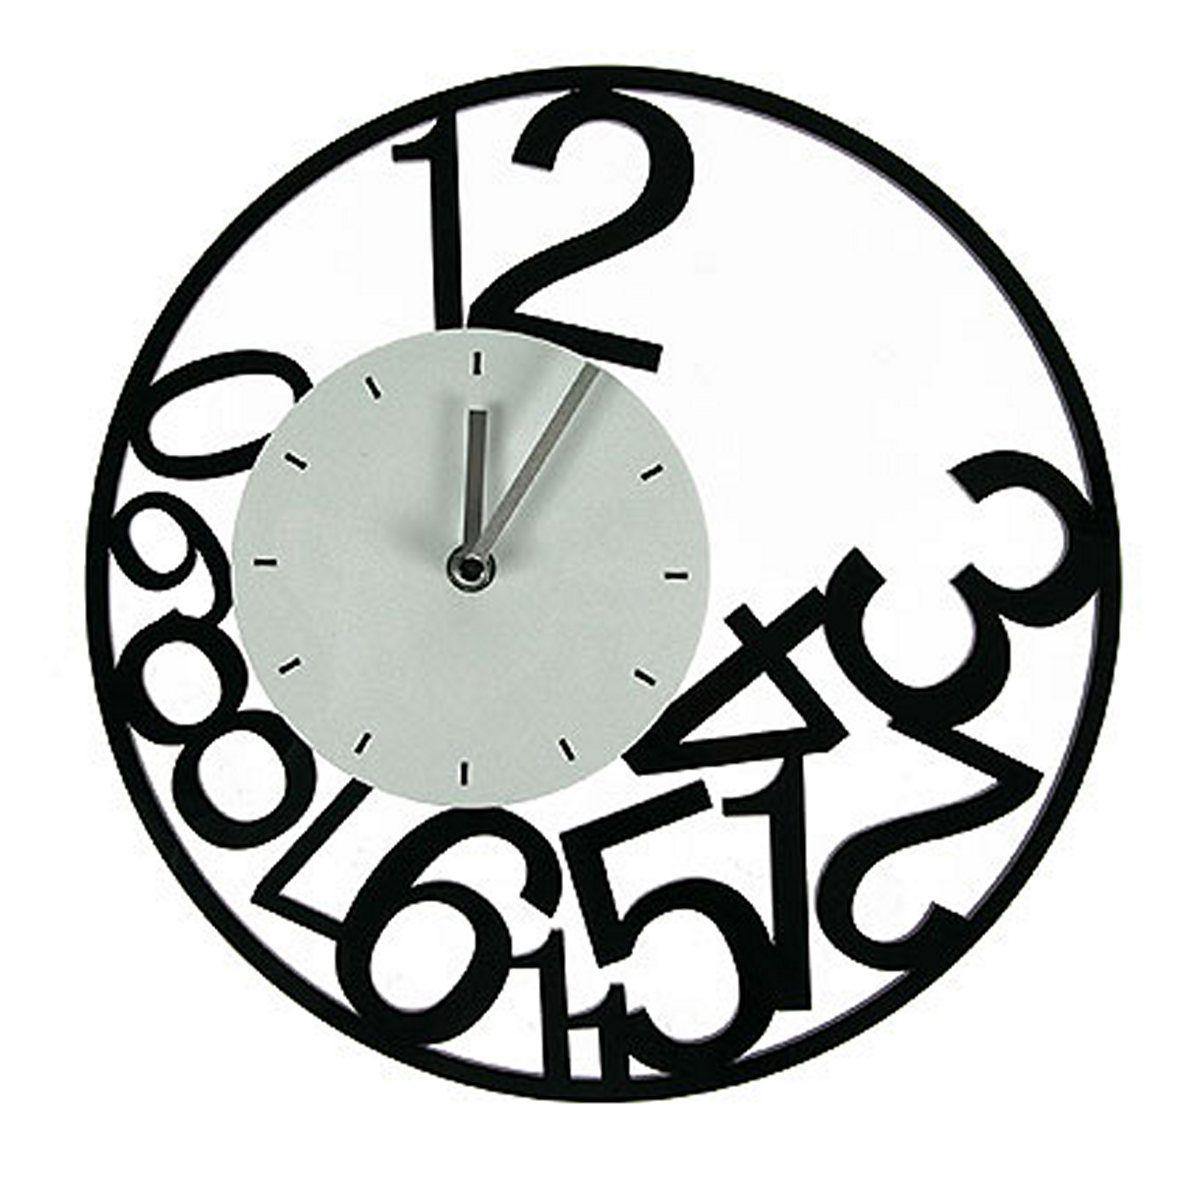 Часы настенные Русские Подарки, диаметр 30 см. 122420 фоторамки русские подарки фоторамка